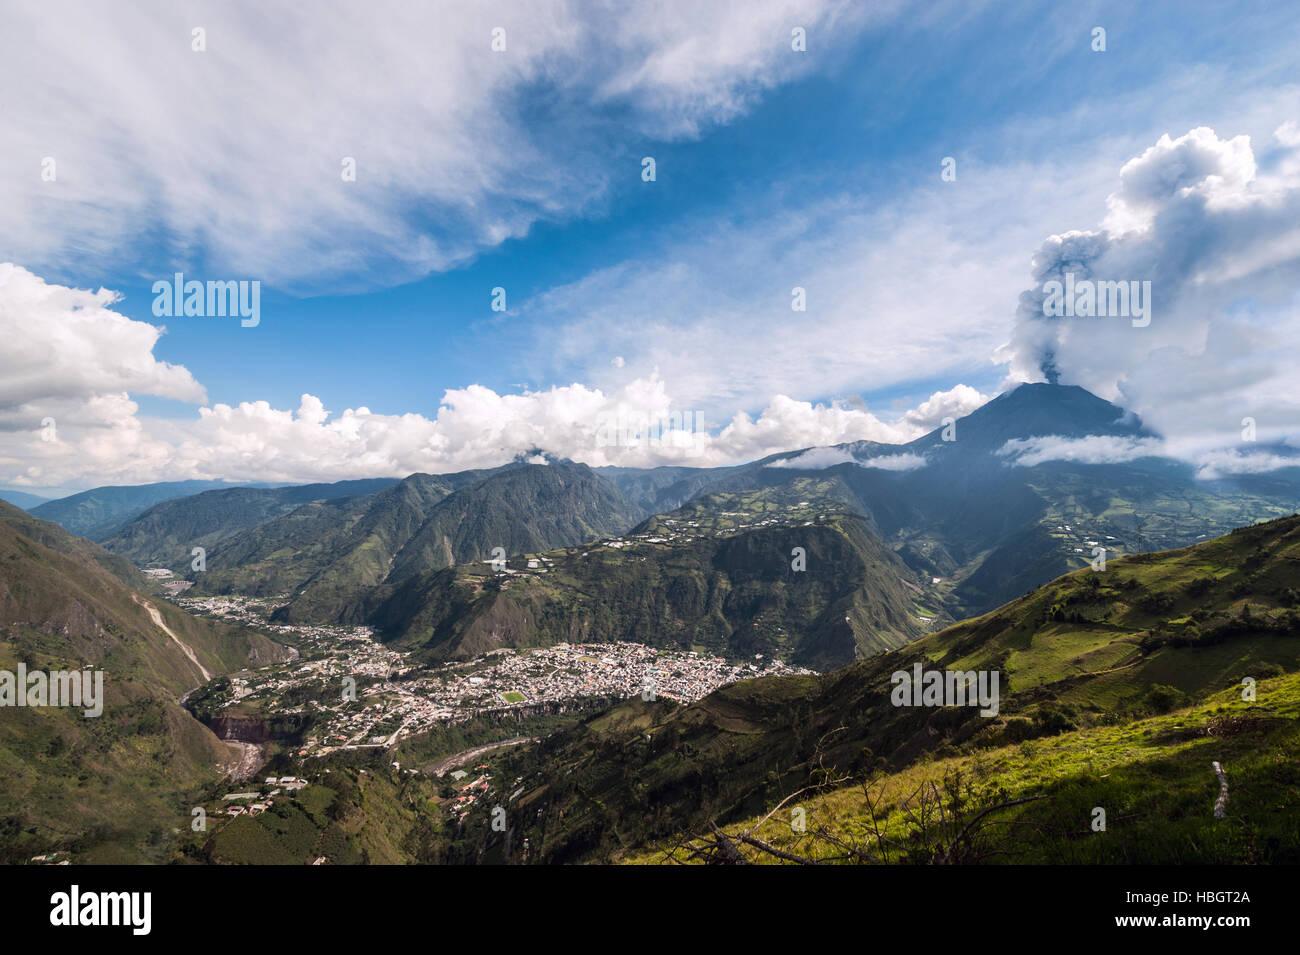 Éruption d'un volcan Tungurahua, Occidental de la Cordillère des Andes de l'Equateur central, Photo Stock